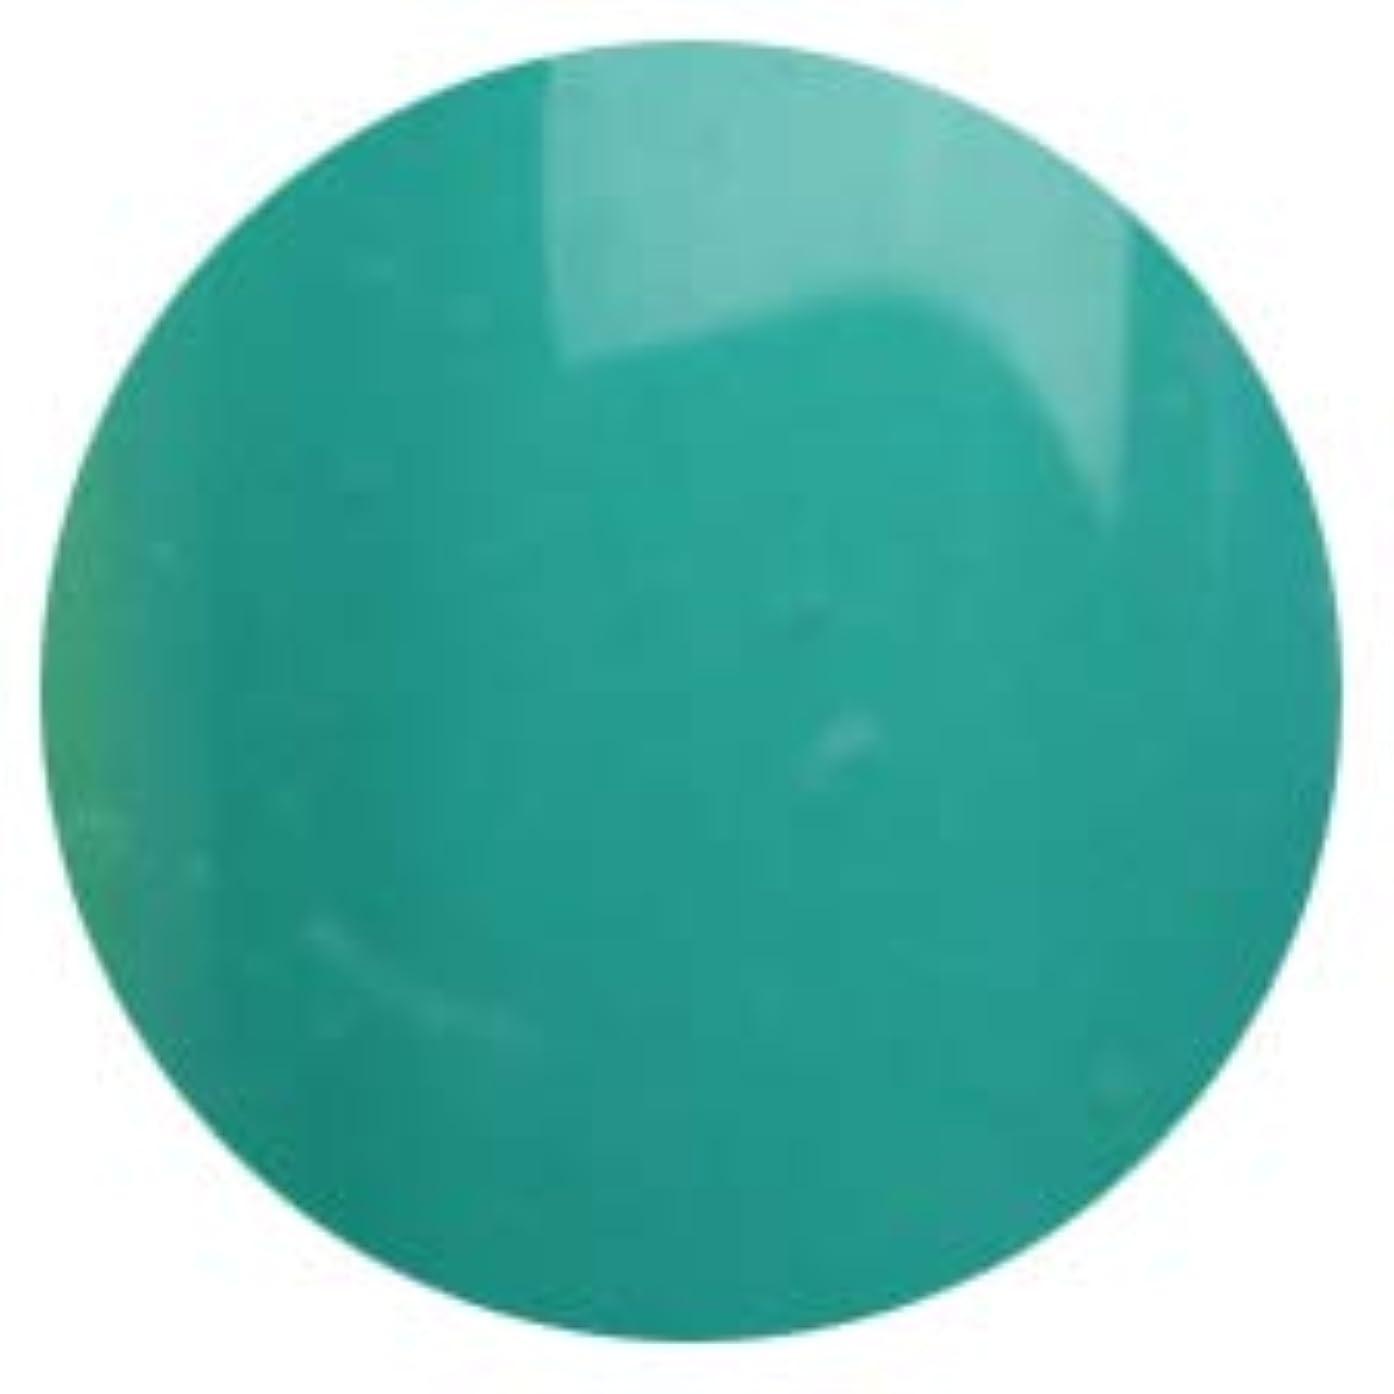 知り合いモネ巻き取りT-GEL COLLECTION カラージェル D140 エメラルドブルー 4ml